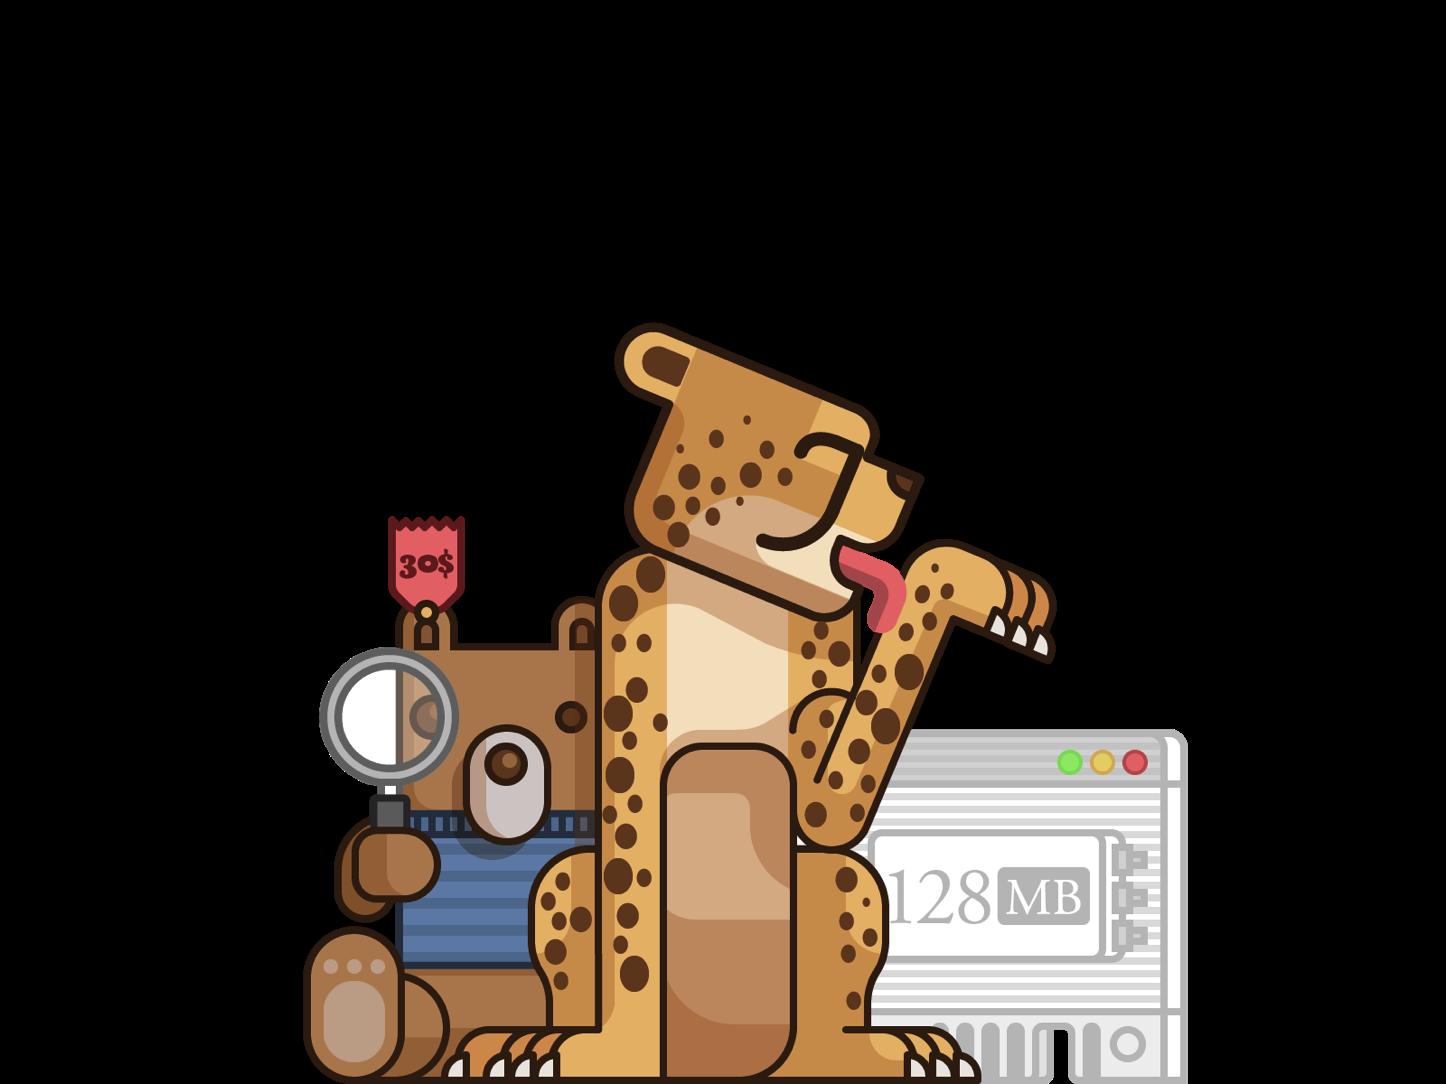 OS X Cheetah